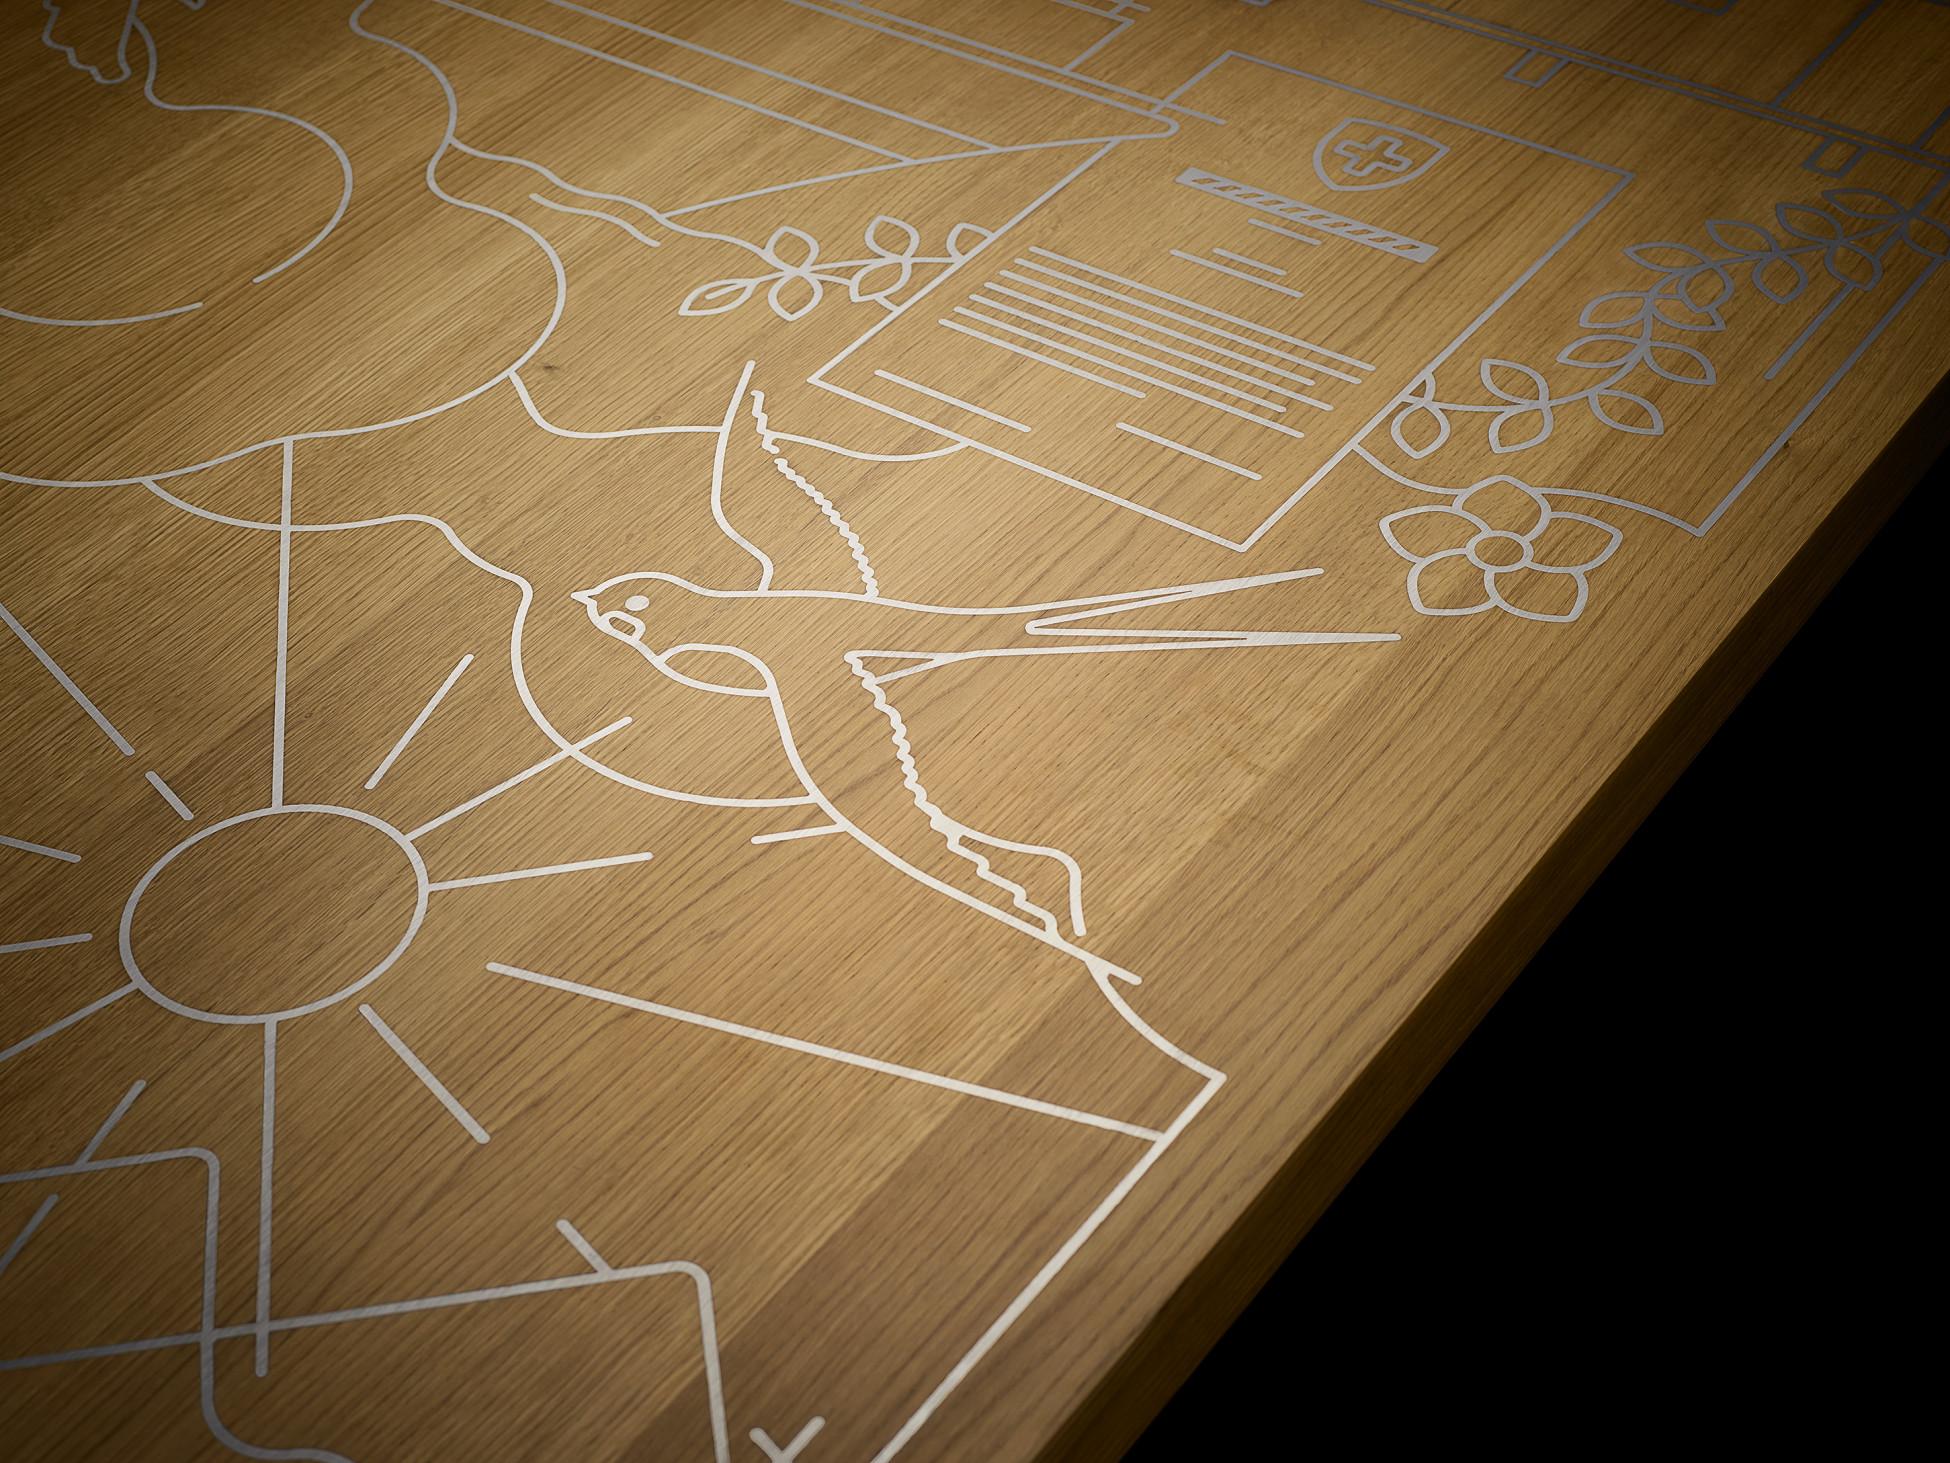 Detailansicht eines Holztisches mit eingravierter Firmengeschichte mit Zinnguss